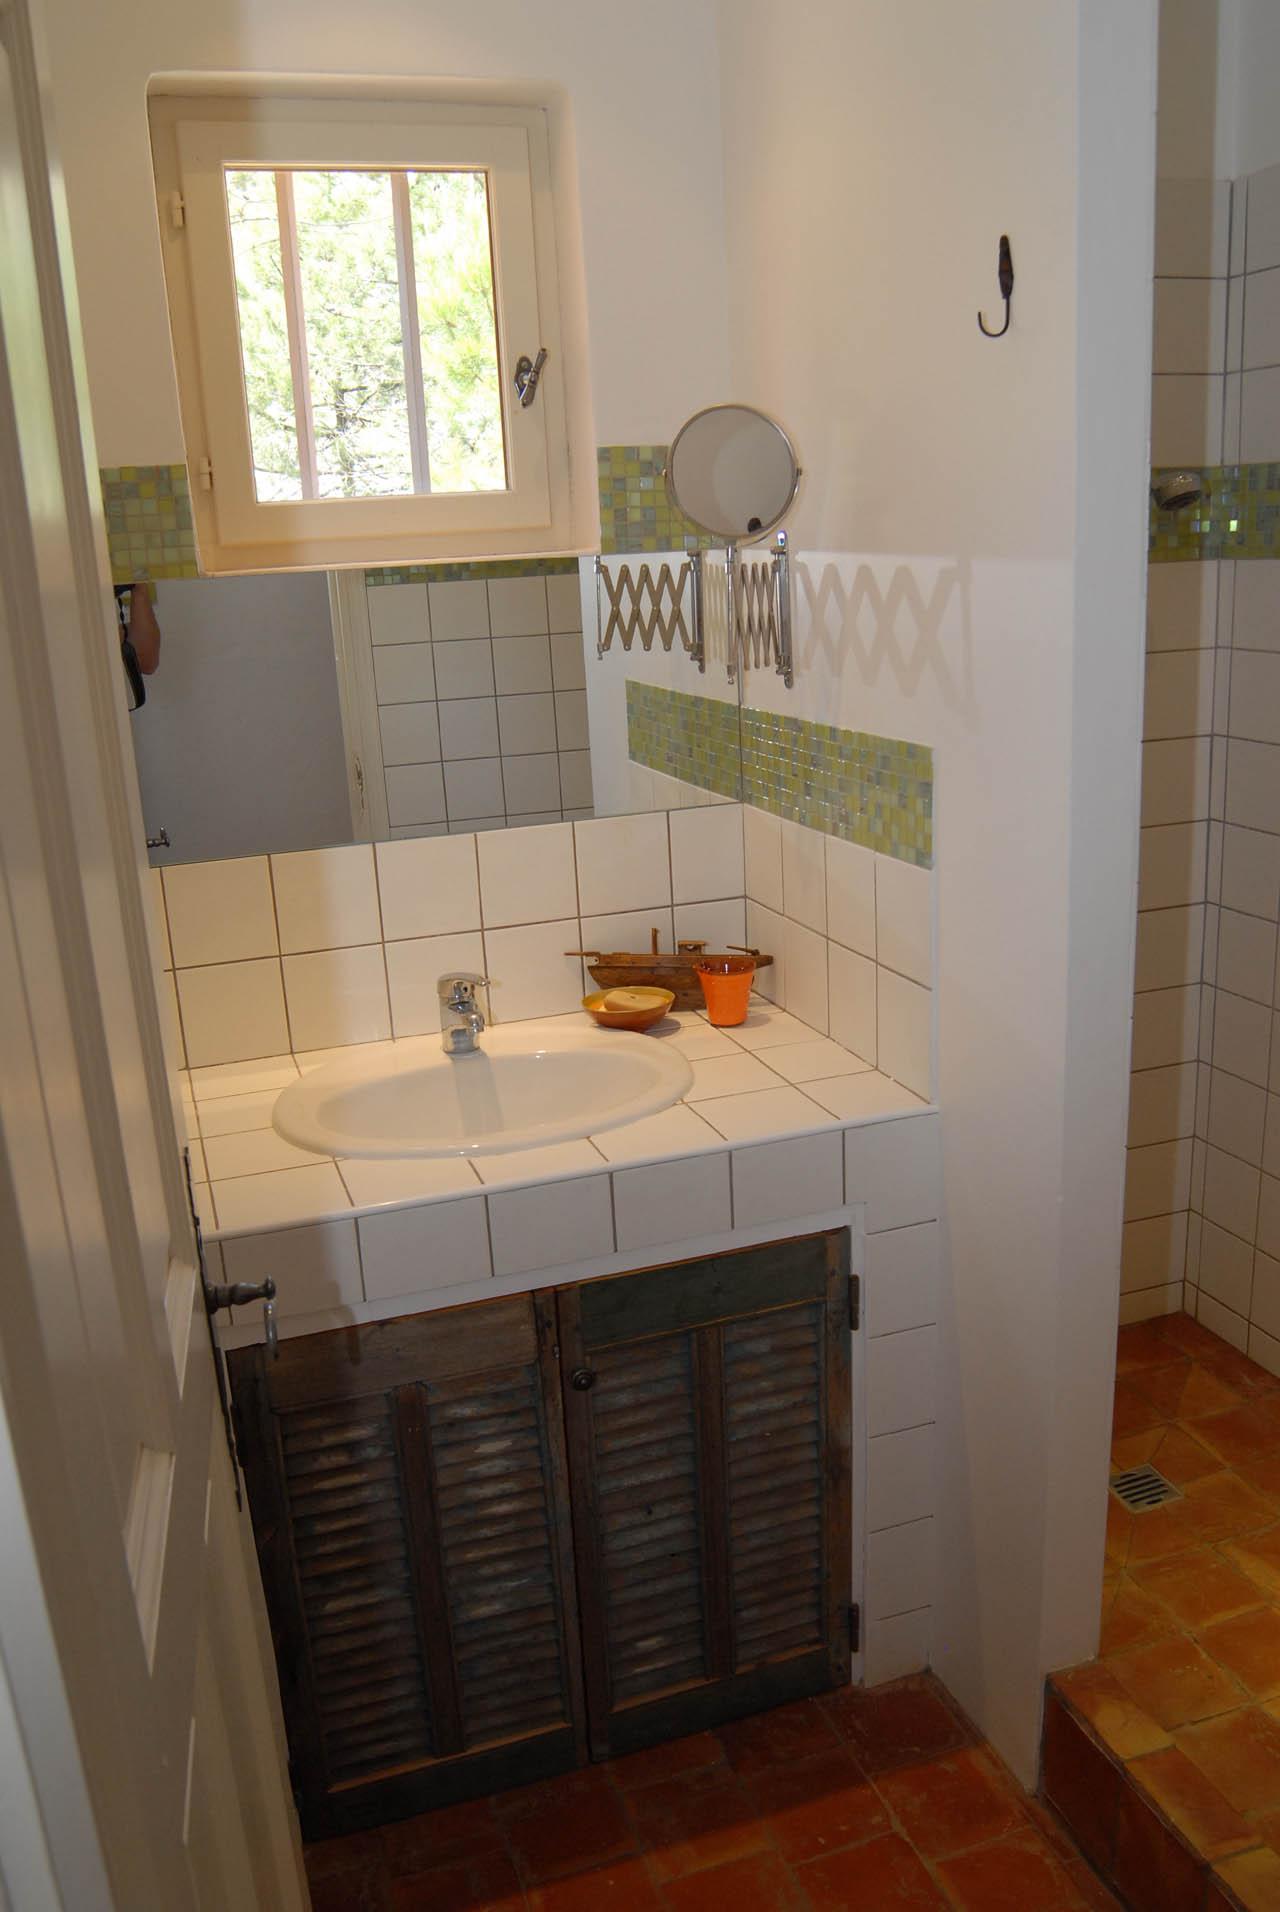 Douche dans la chambre affordable location tudiant - Installer une douche dans une chambre ...